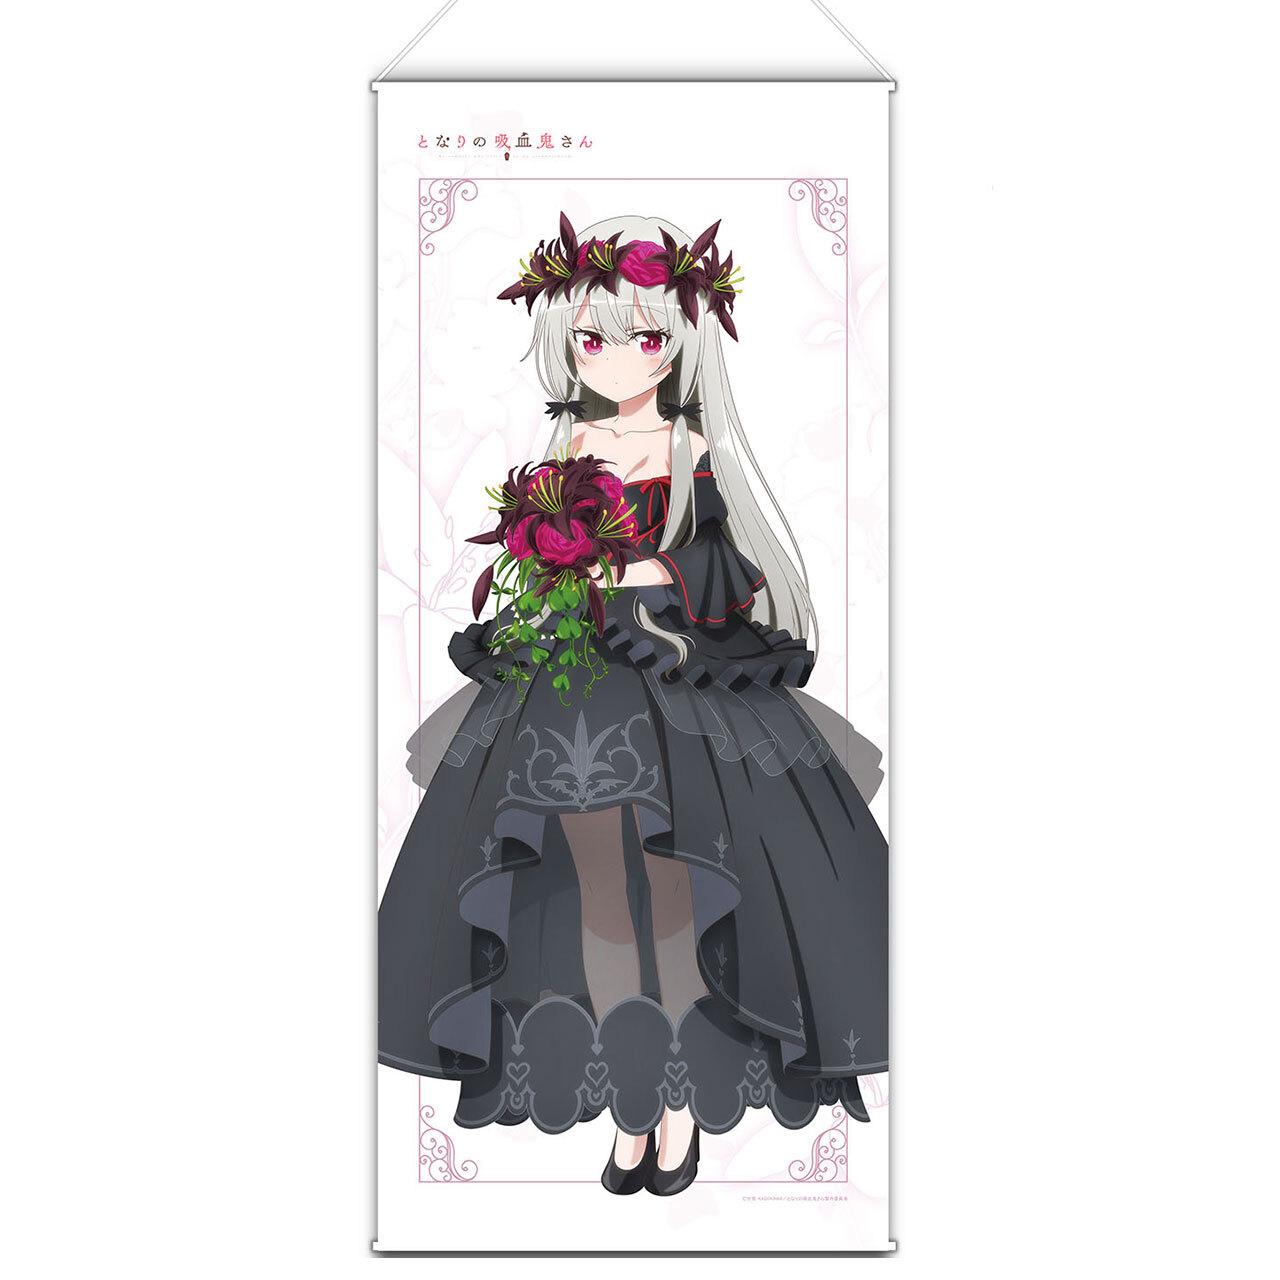 【4589839356350後】となりの吸血鬼さん【描き下ろし】ソフィー(ドレス)BIGタペストリー